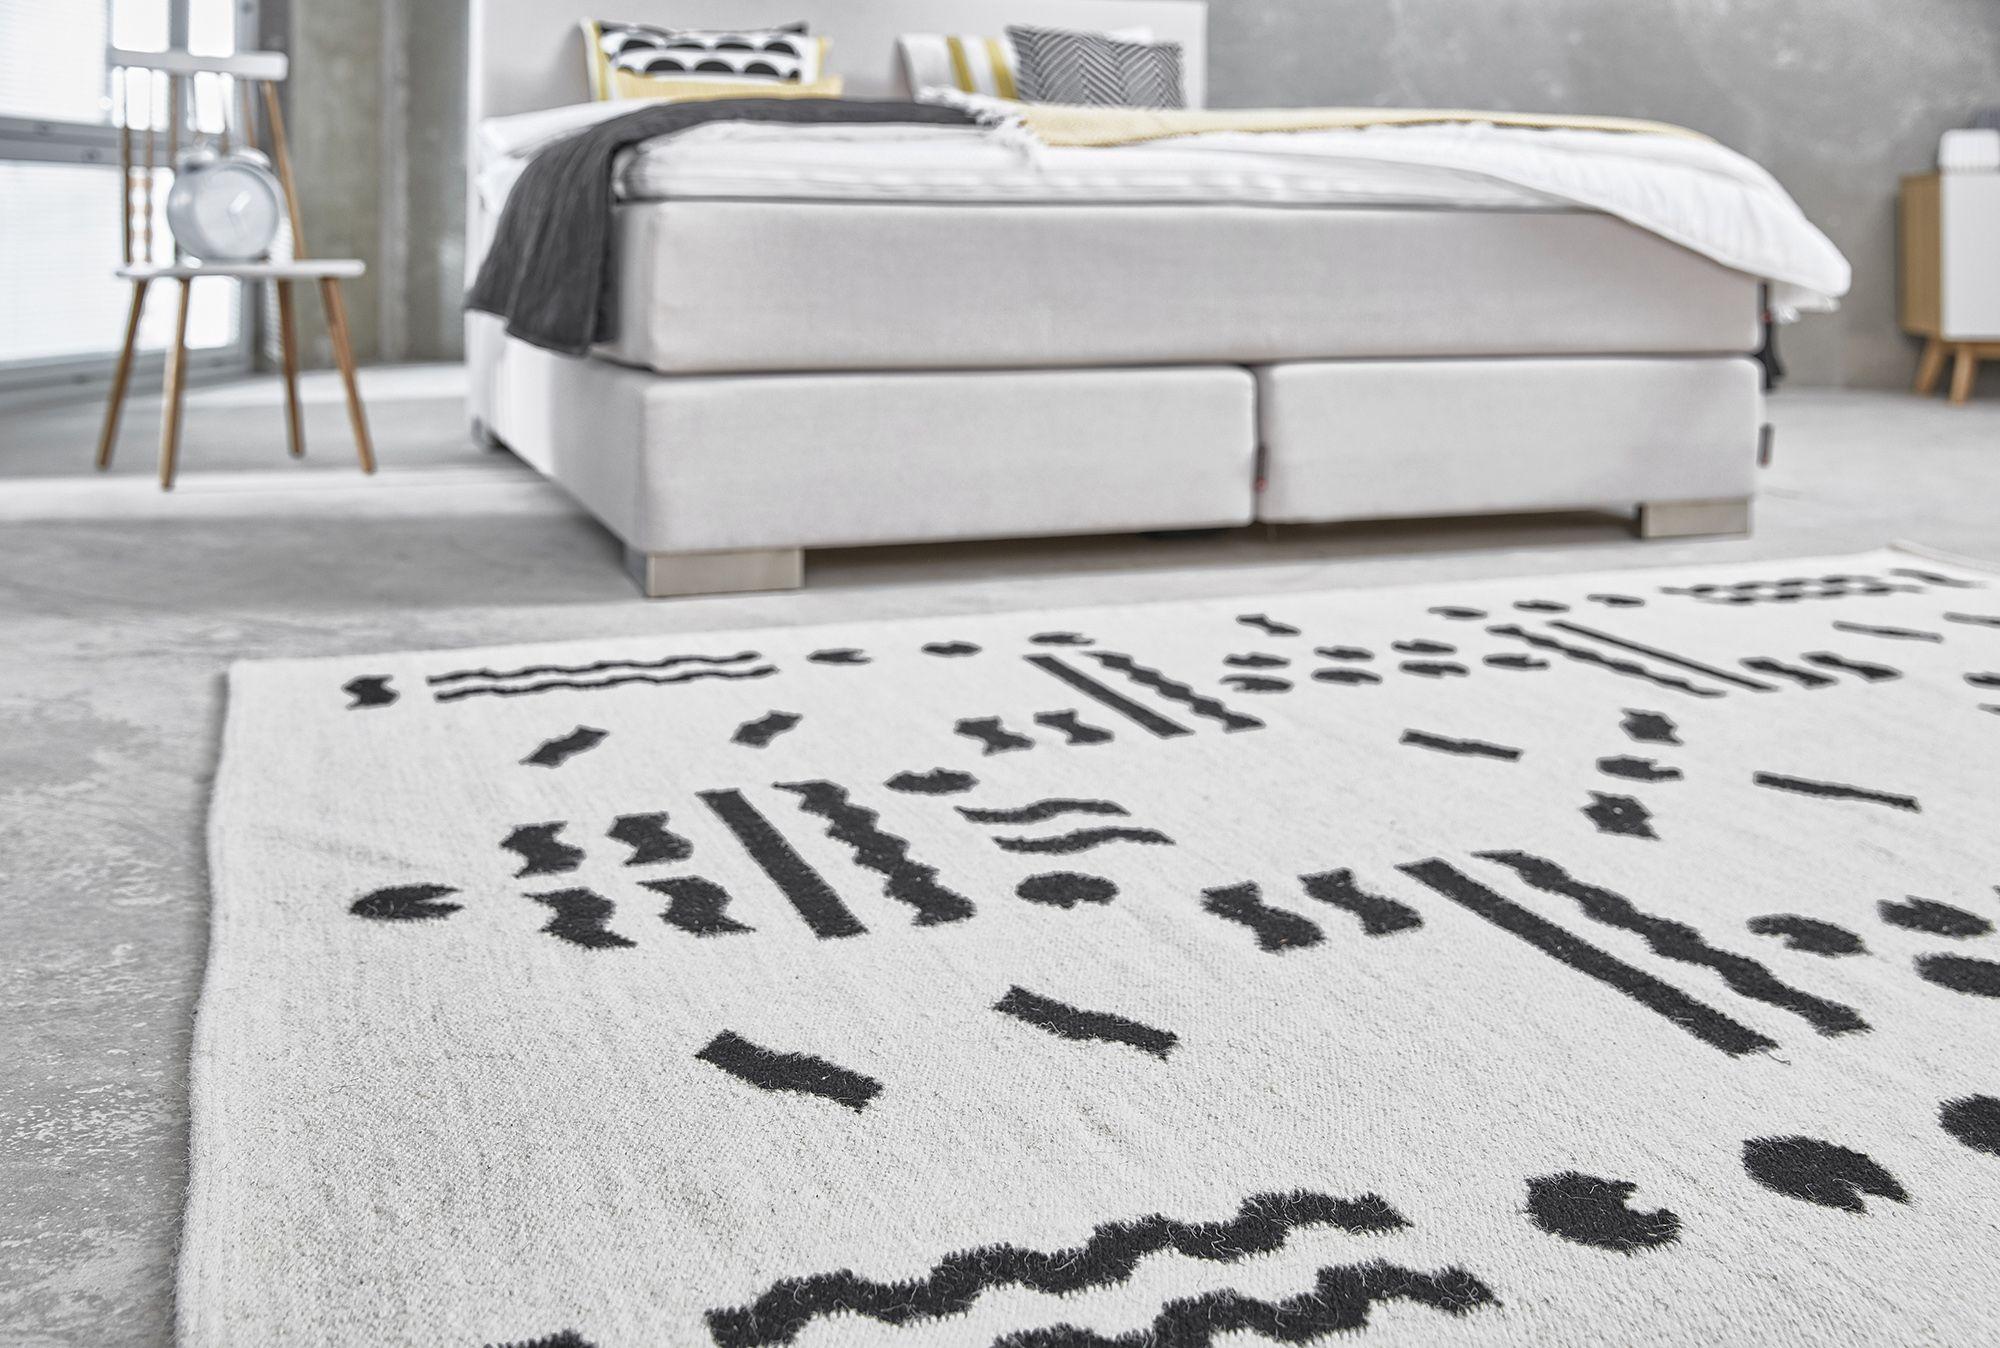 VALOKKI-matto 160 x 230 cm. #sisustusidea #sisustaminen #sisustusinspiraatio #askohuonekalut #sisustusidea #sisustusideat